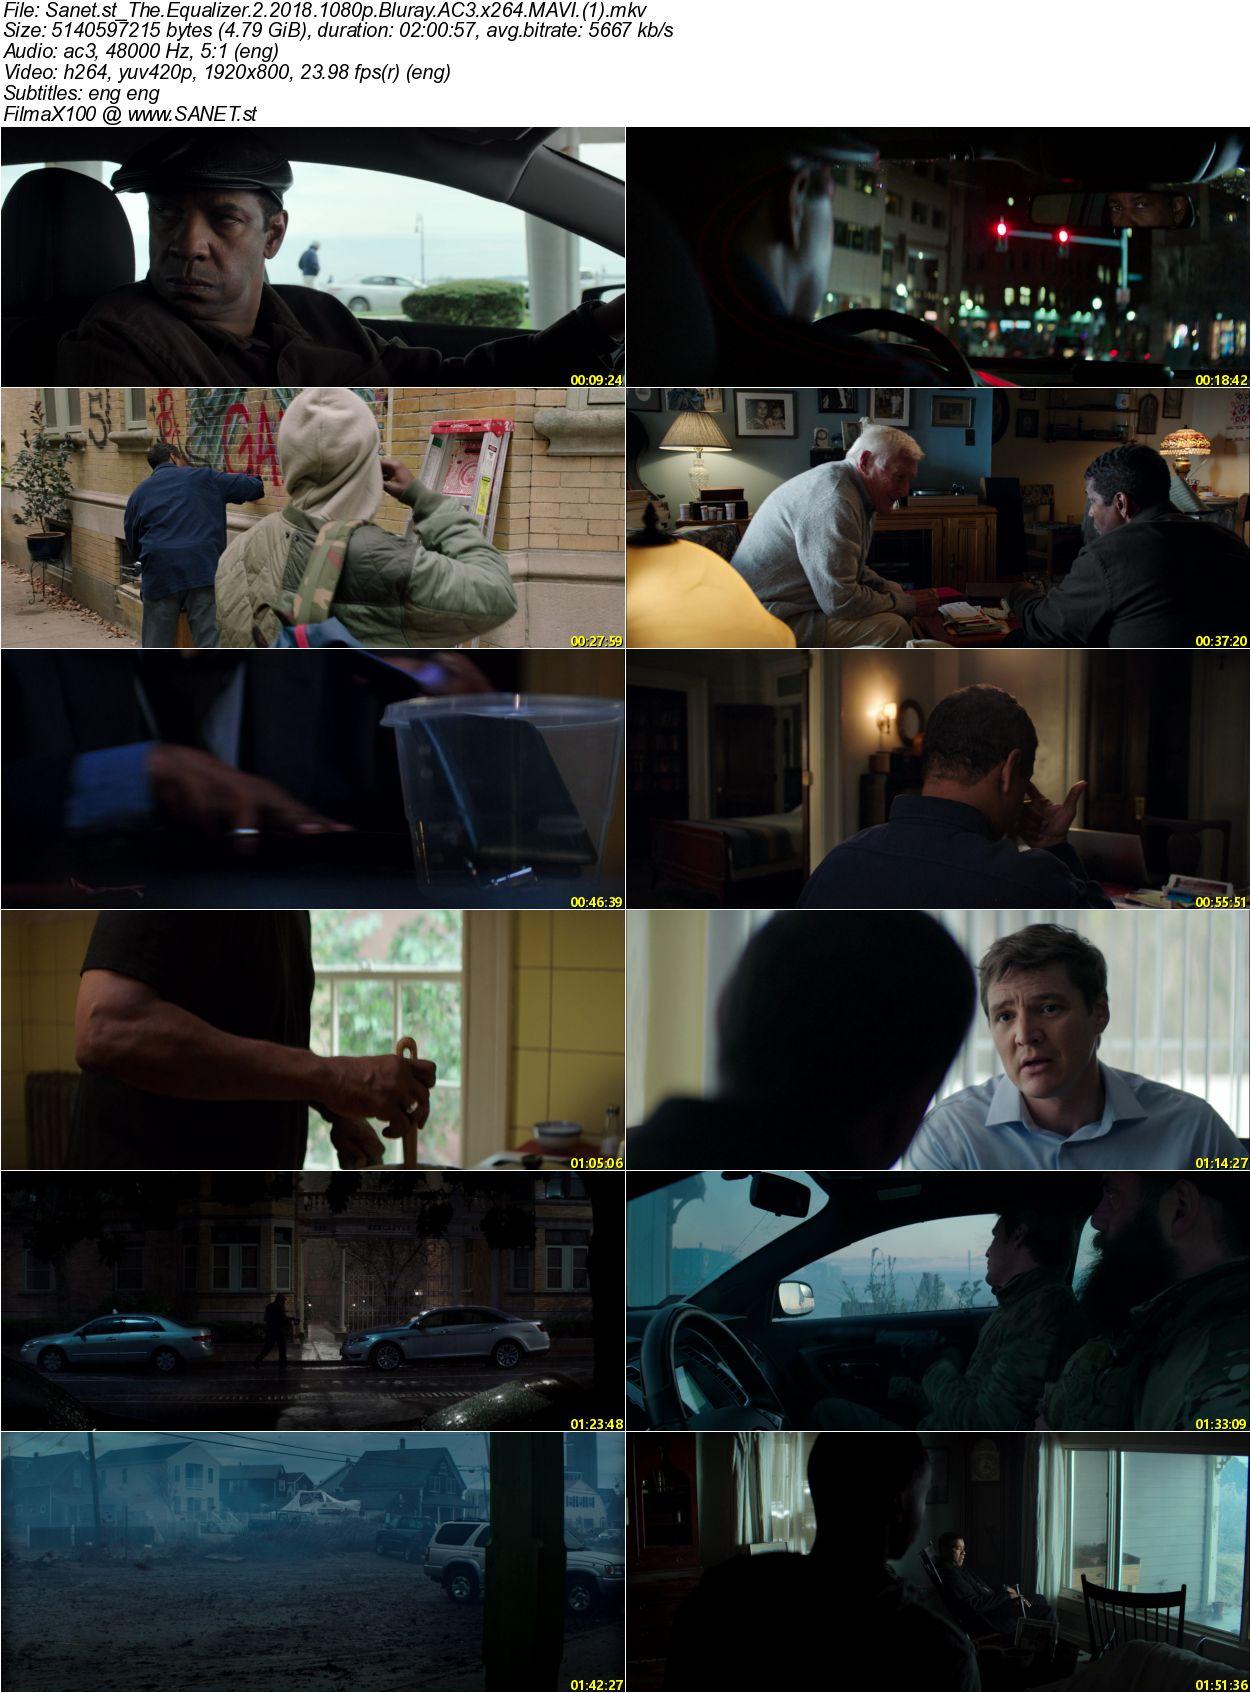 The Equalizer 2 2018 2 دانلود فیلم دیدنی و جذاب اکولایزر 2 با دوبله فارسی